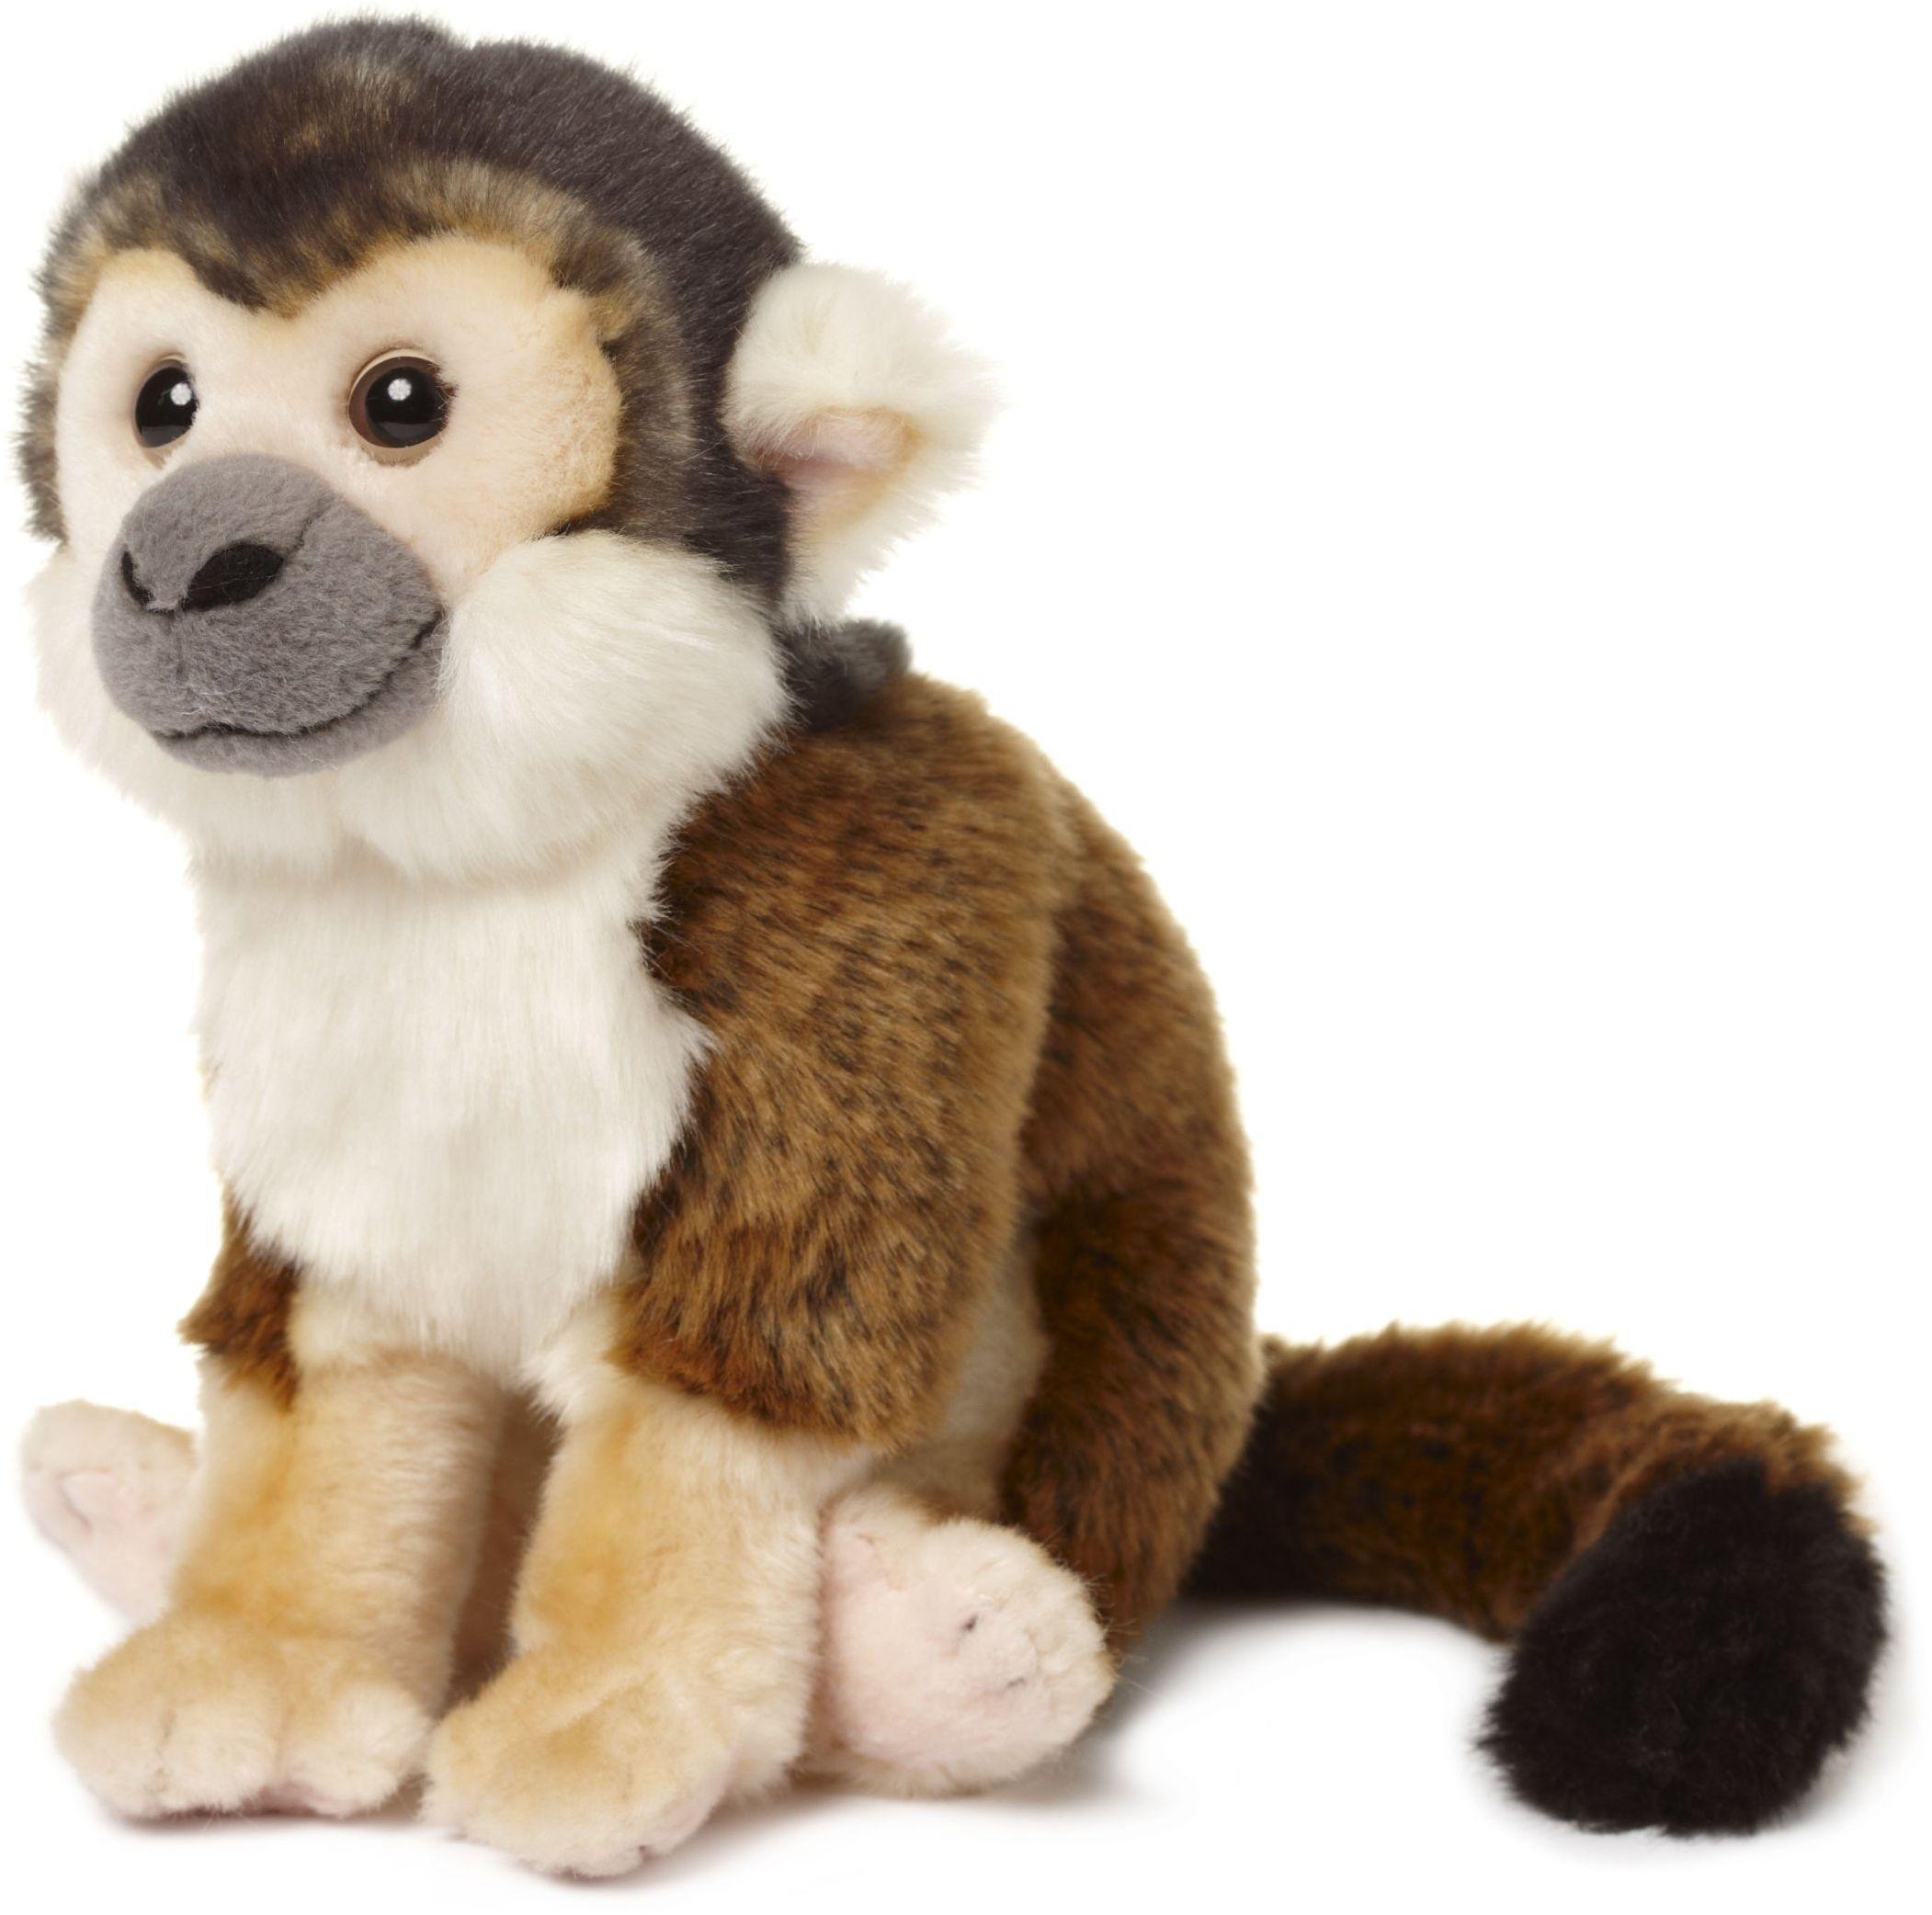 Unbekannt Pluszowa małpka z trupią czaszką WWF (20 cm), realistyczna, super miękka, jak żywo, pluszowa pluszowa zwierzątko do przytulania i kochania, możliwe pranie ręczne